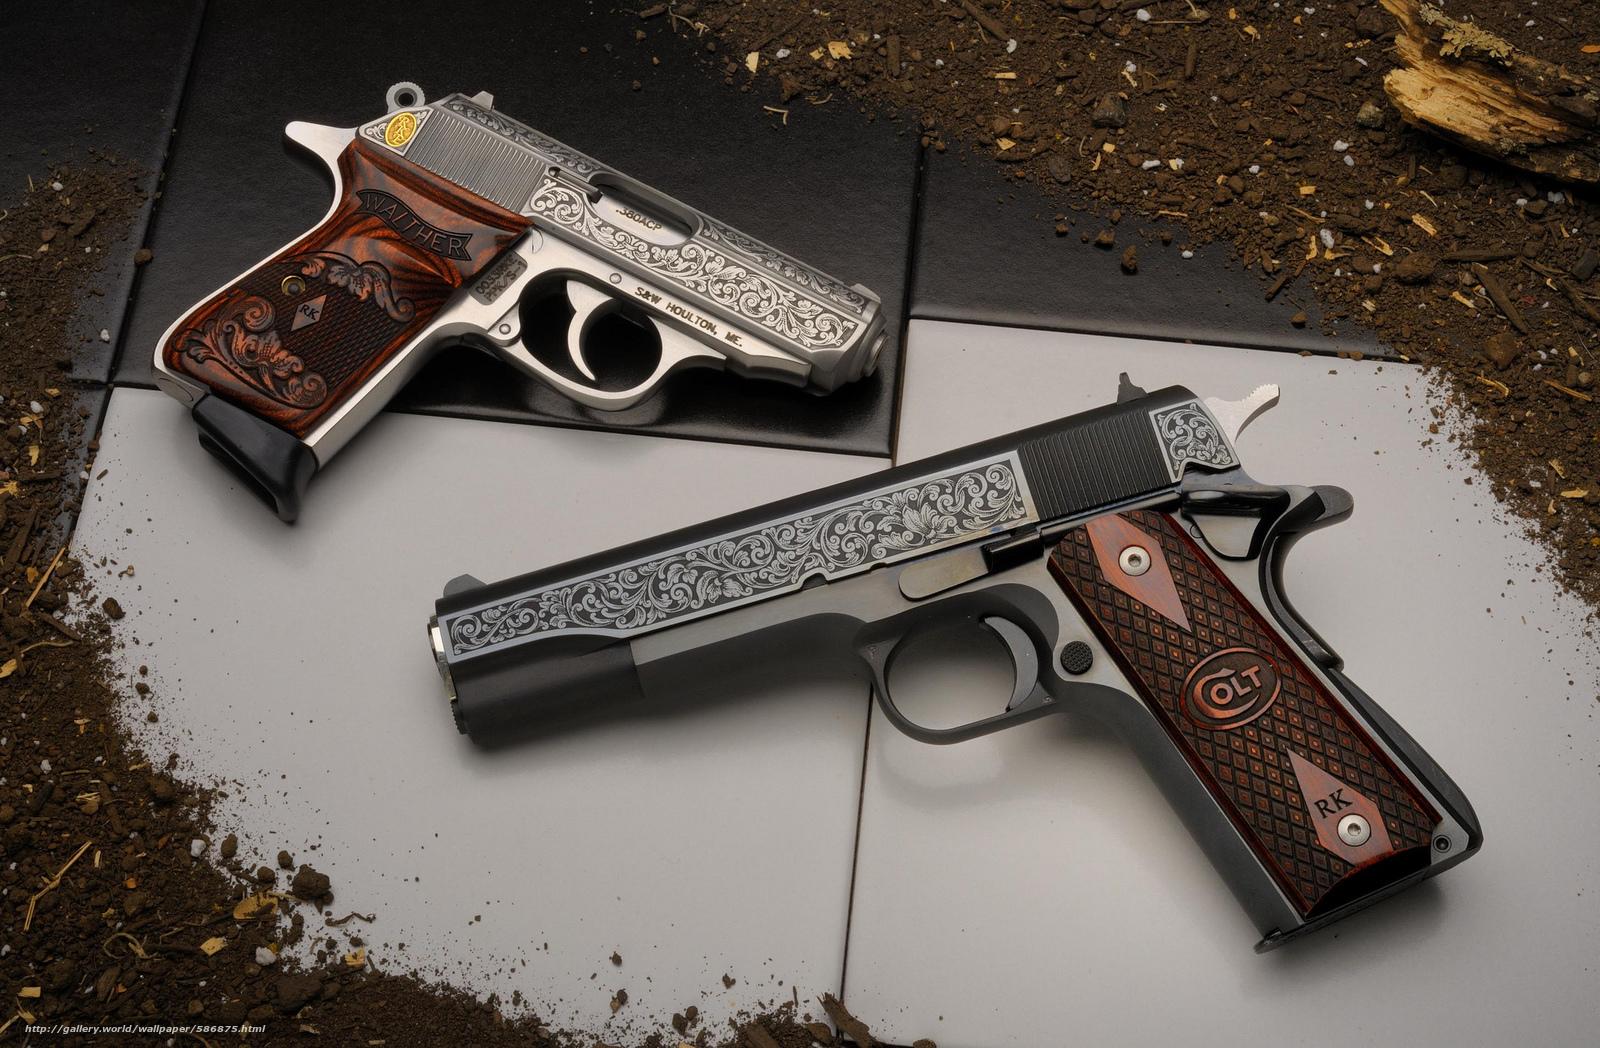 Скачать обои пистолеты,  оружие бесплатно для рабочего стола в разрешении 2048x1341 — картинка №586875